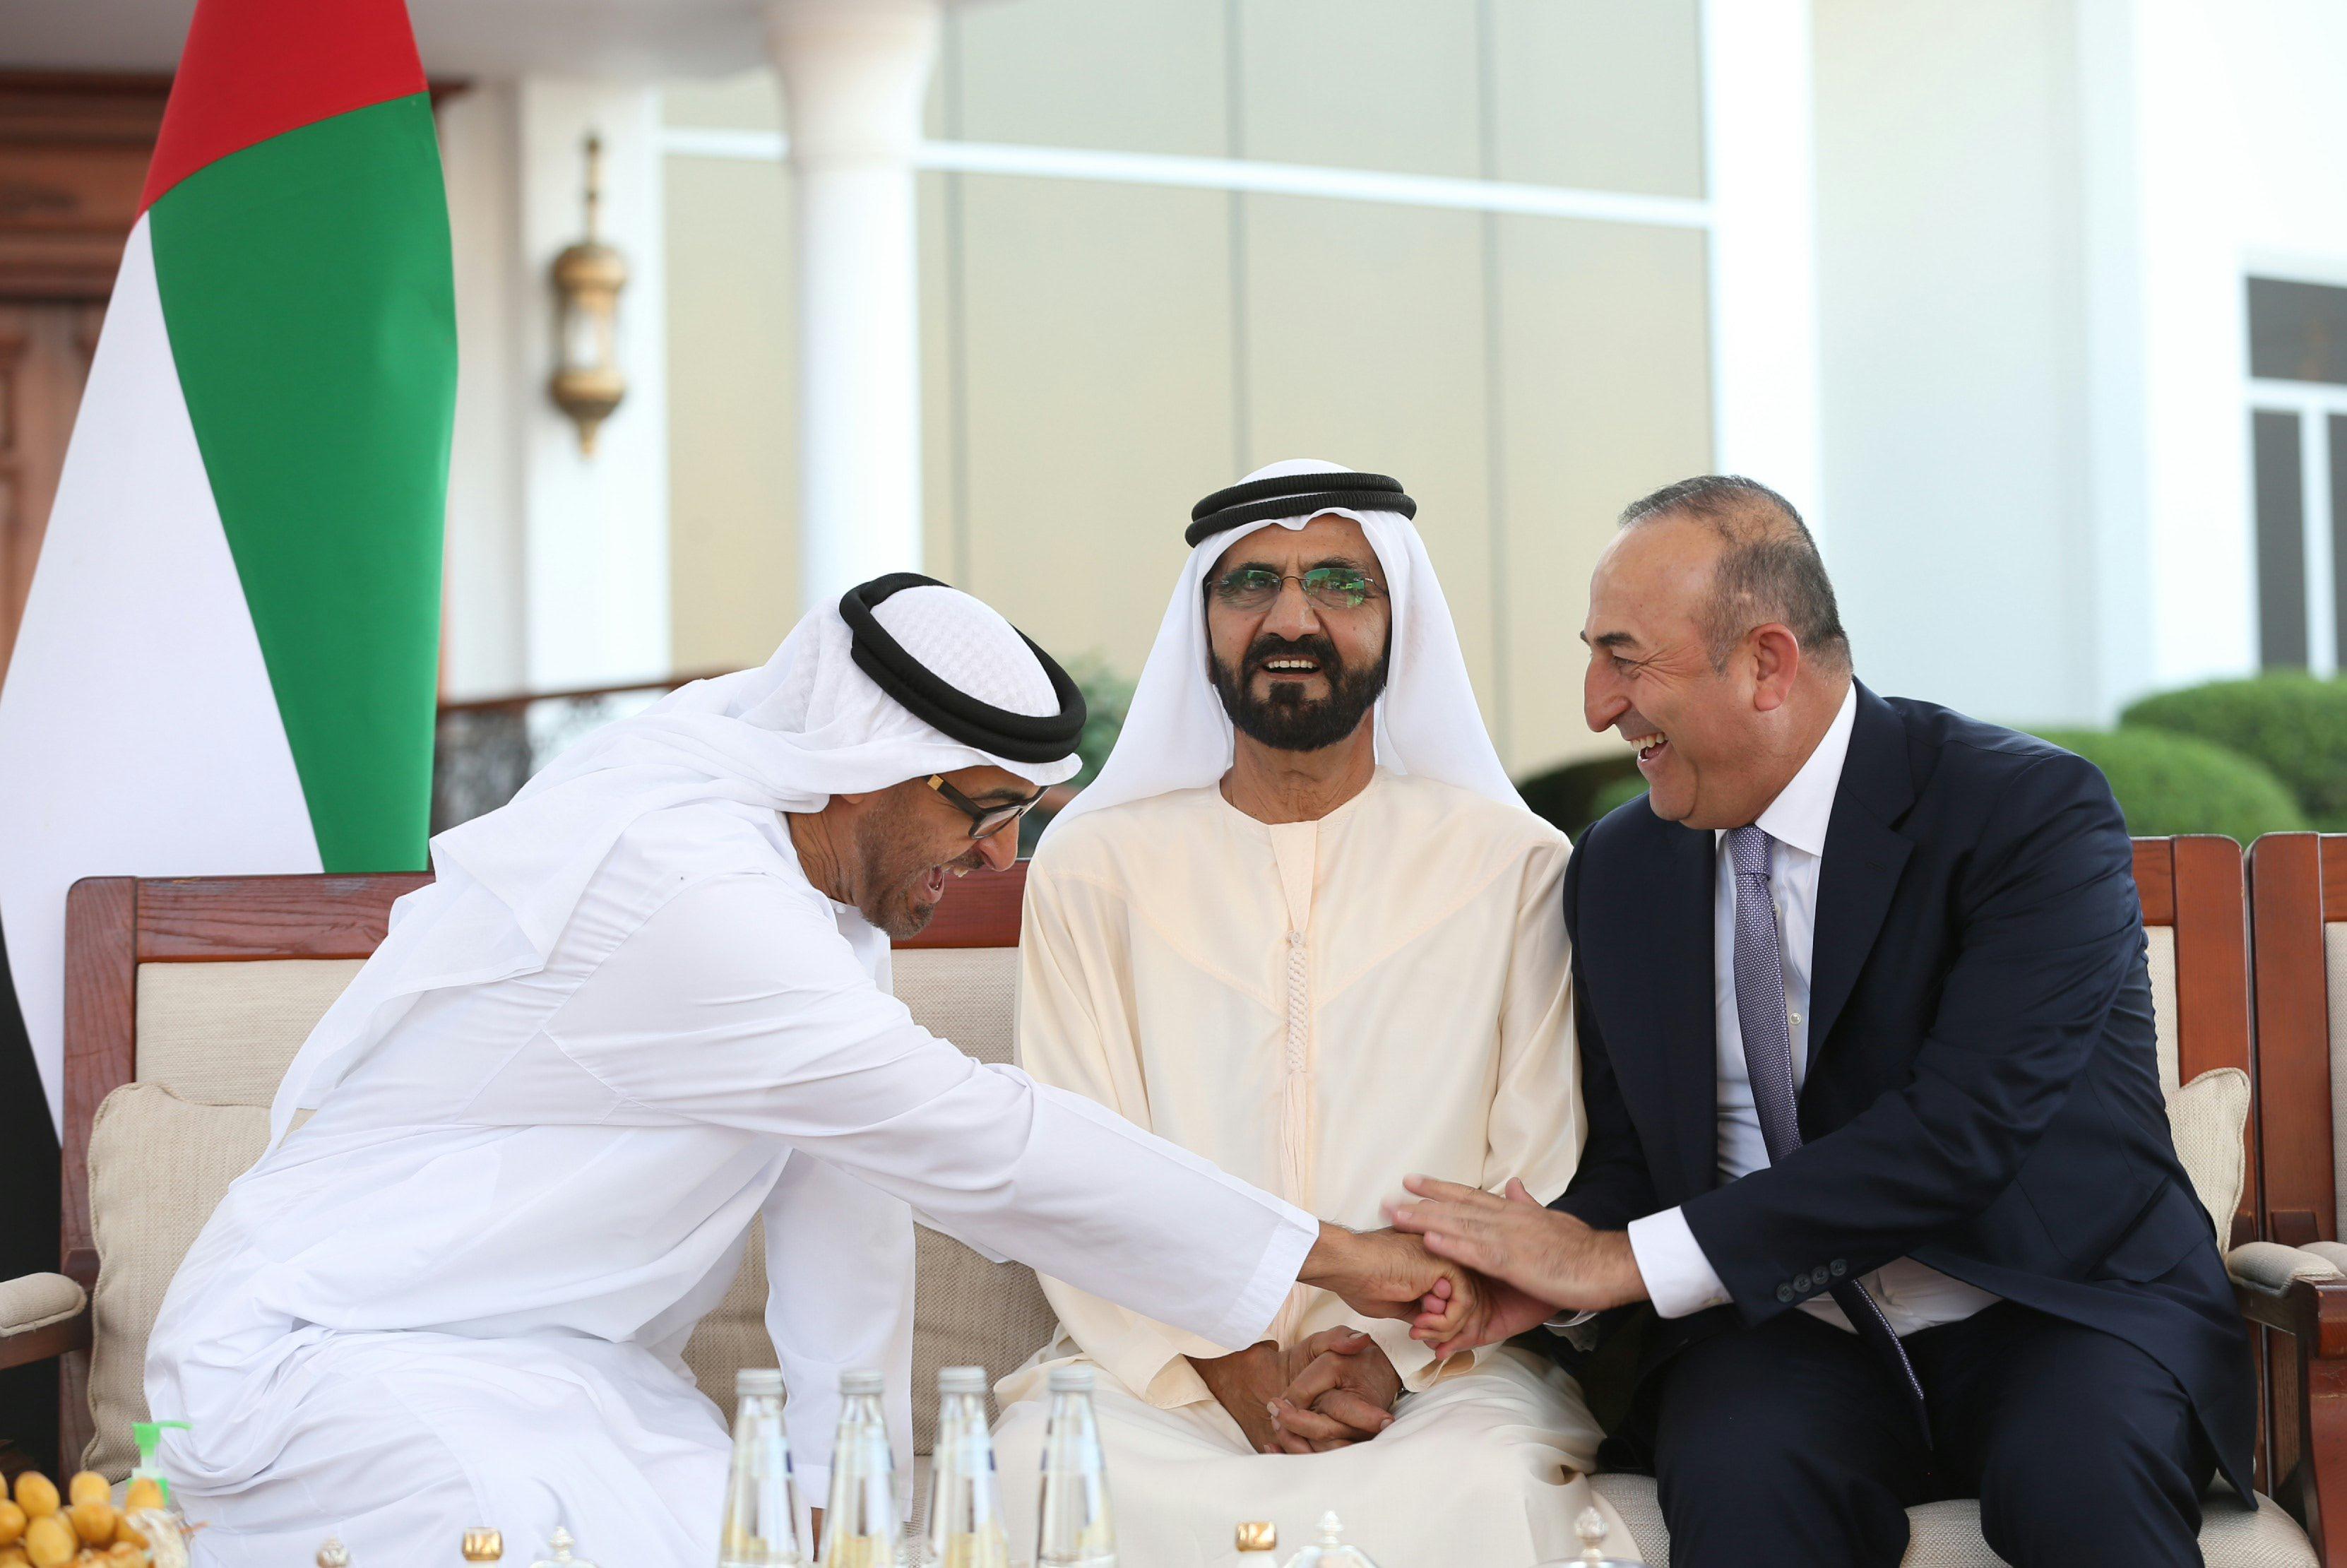 البحث عن مكانة.. خارطة الصراع الإماراتي التركي في المنطقة